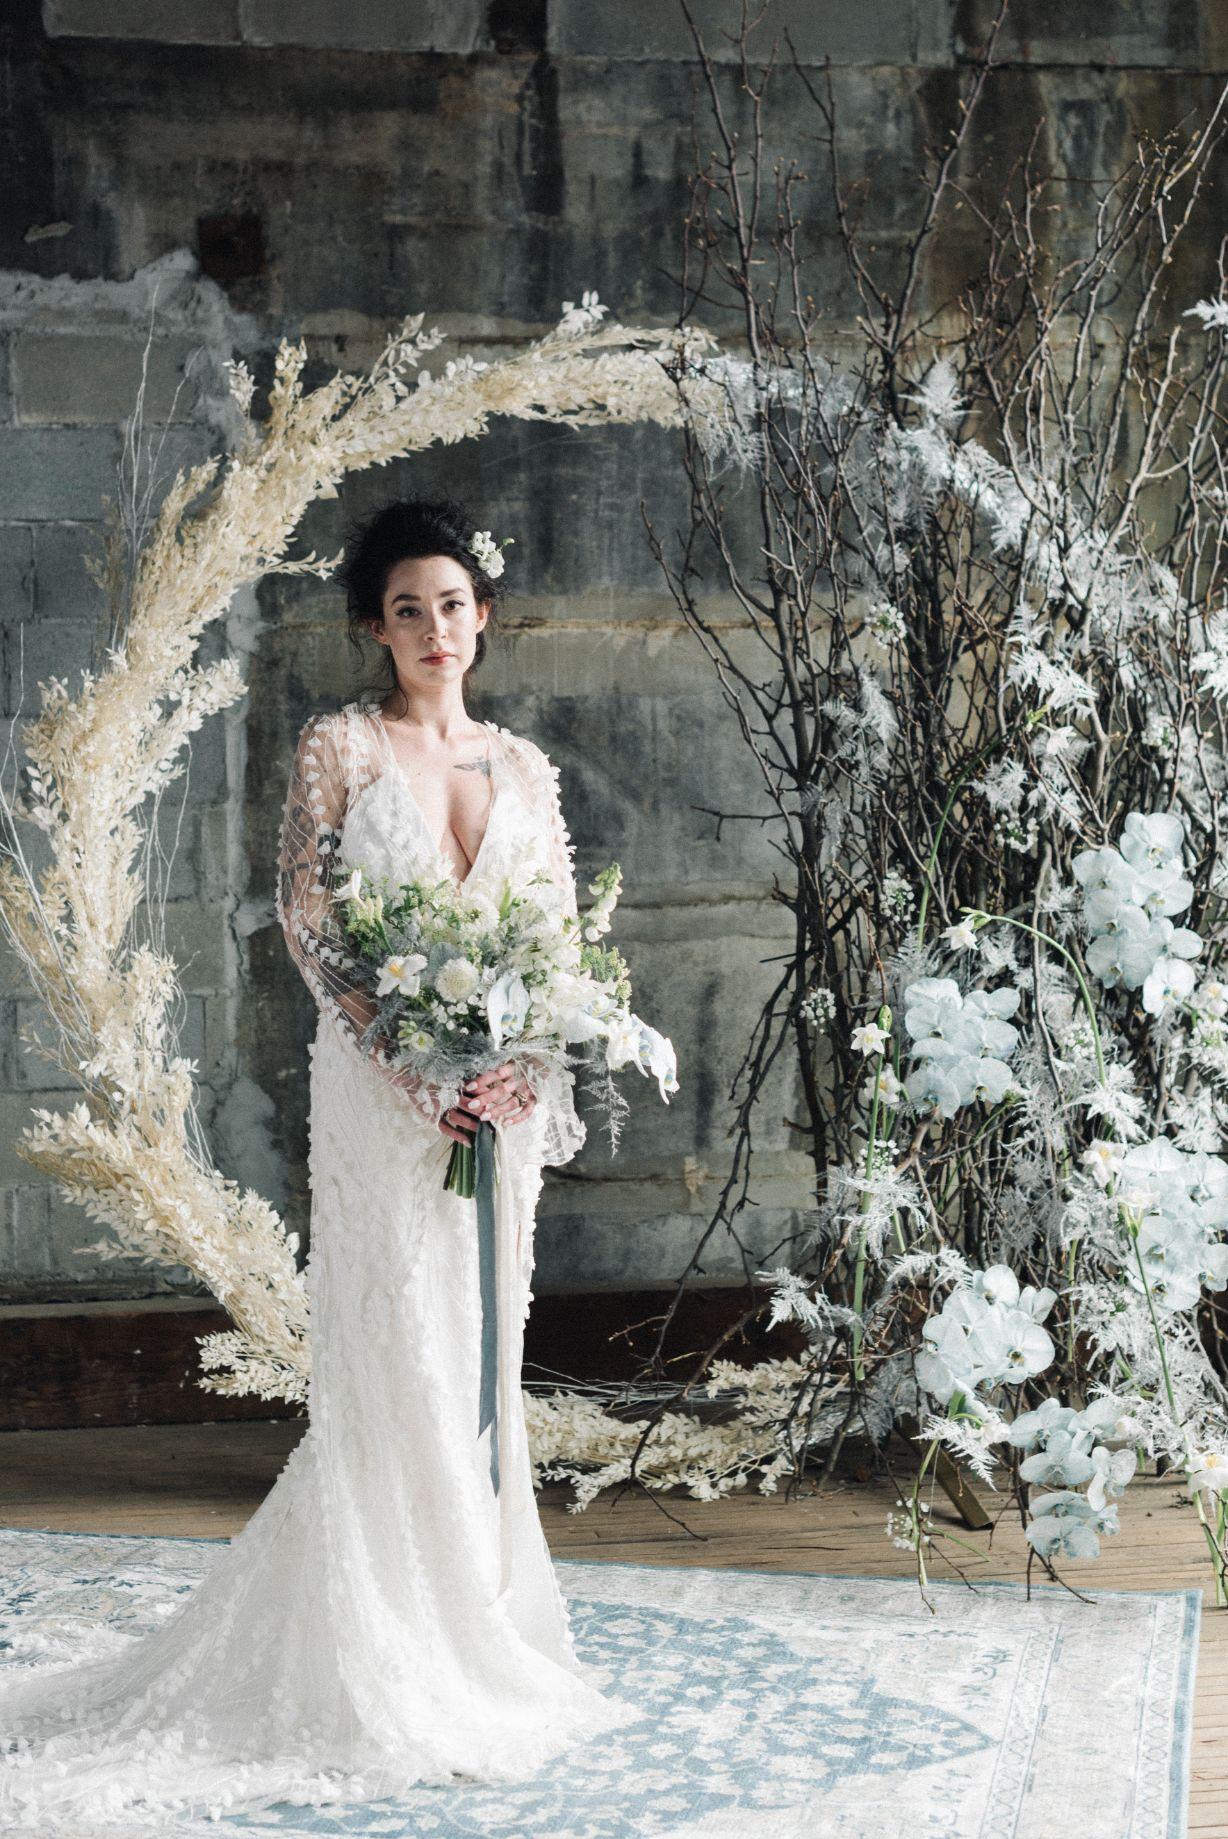 olio-peabody-boston-lesbian-wedding-style-daylynn-designs17.jpg